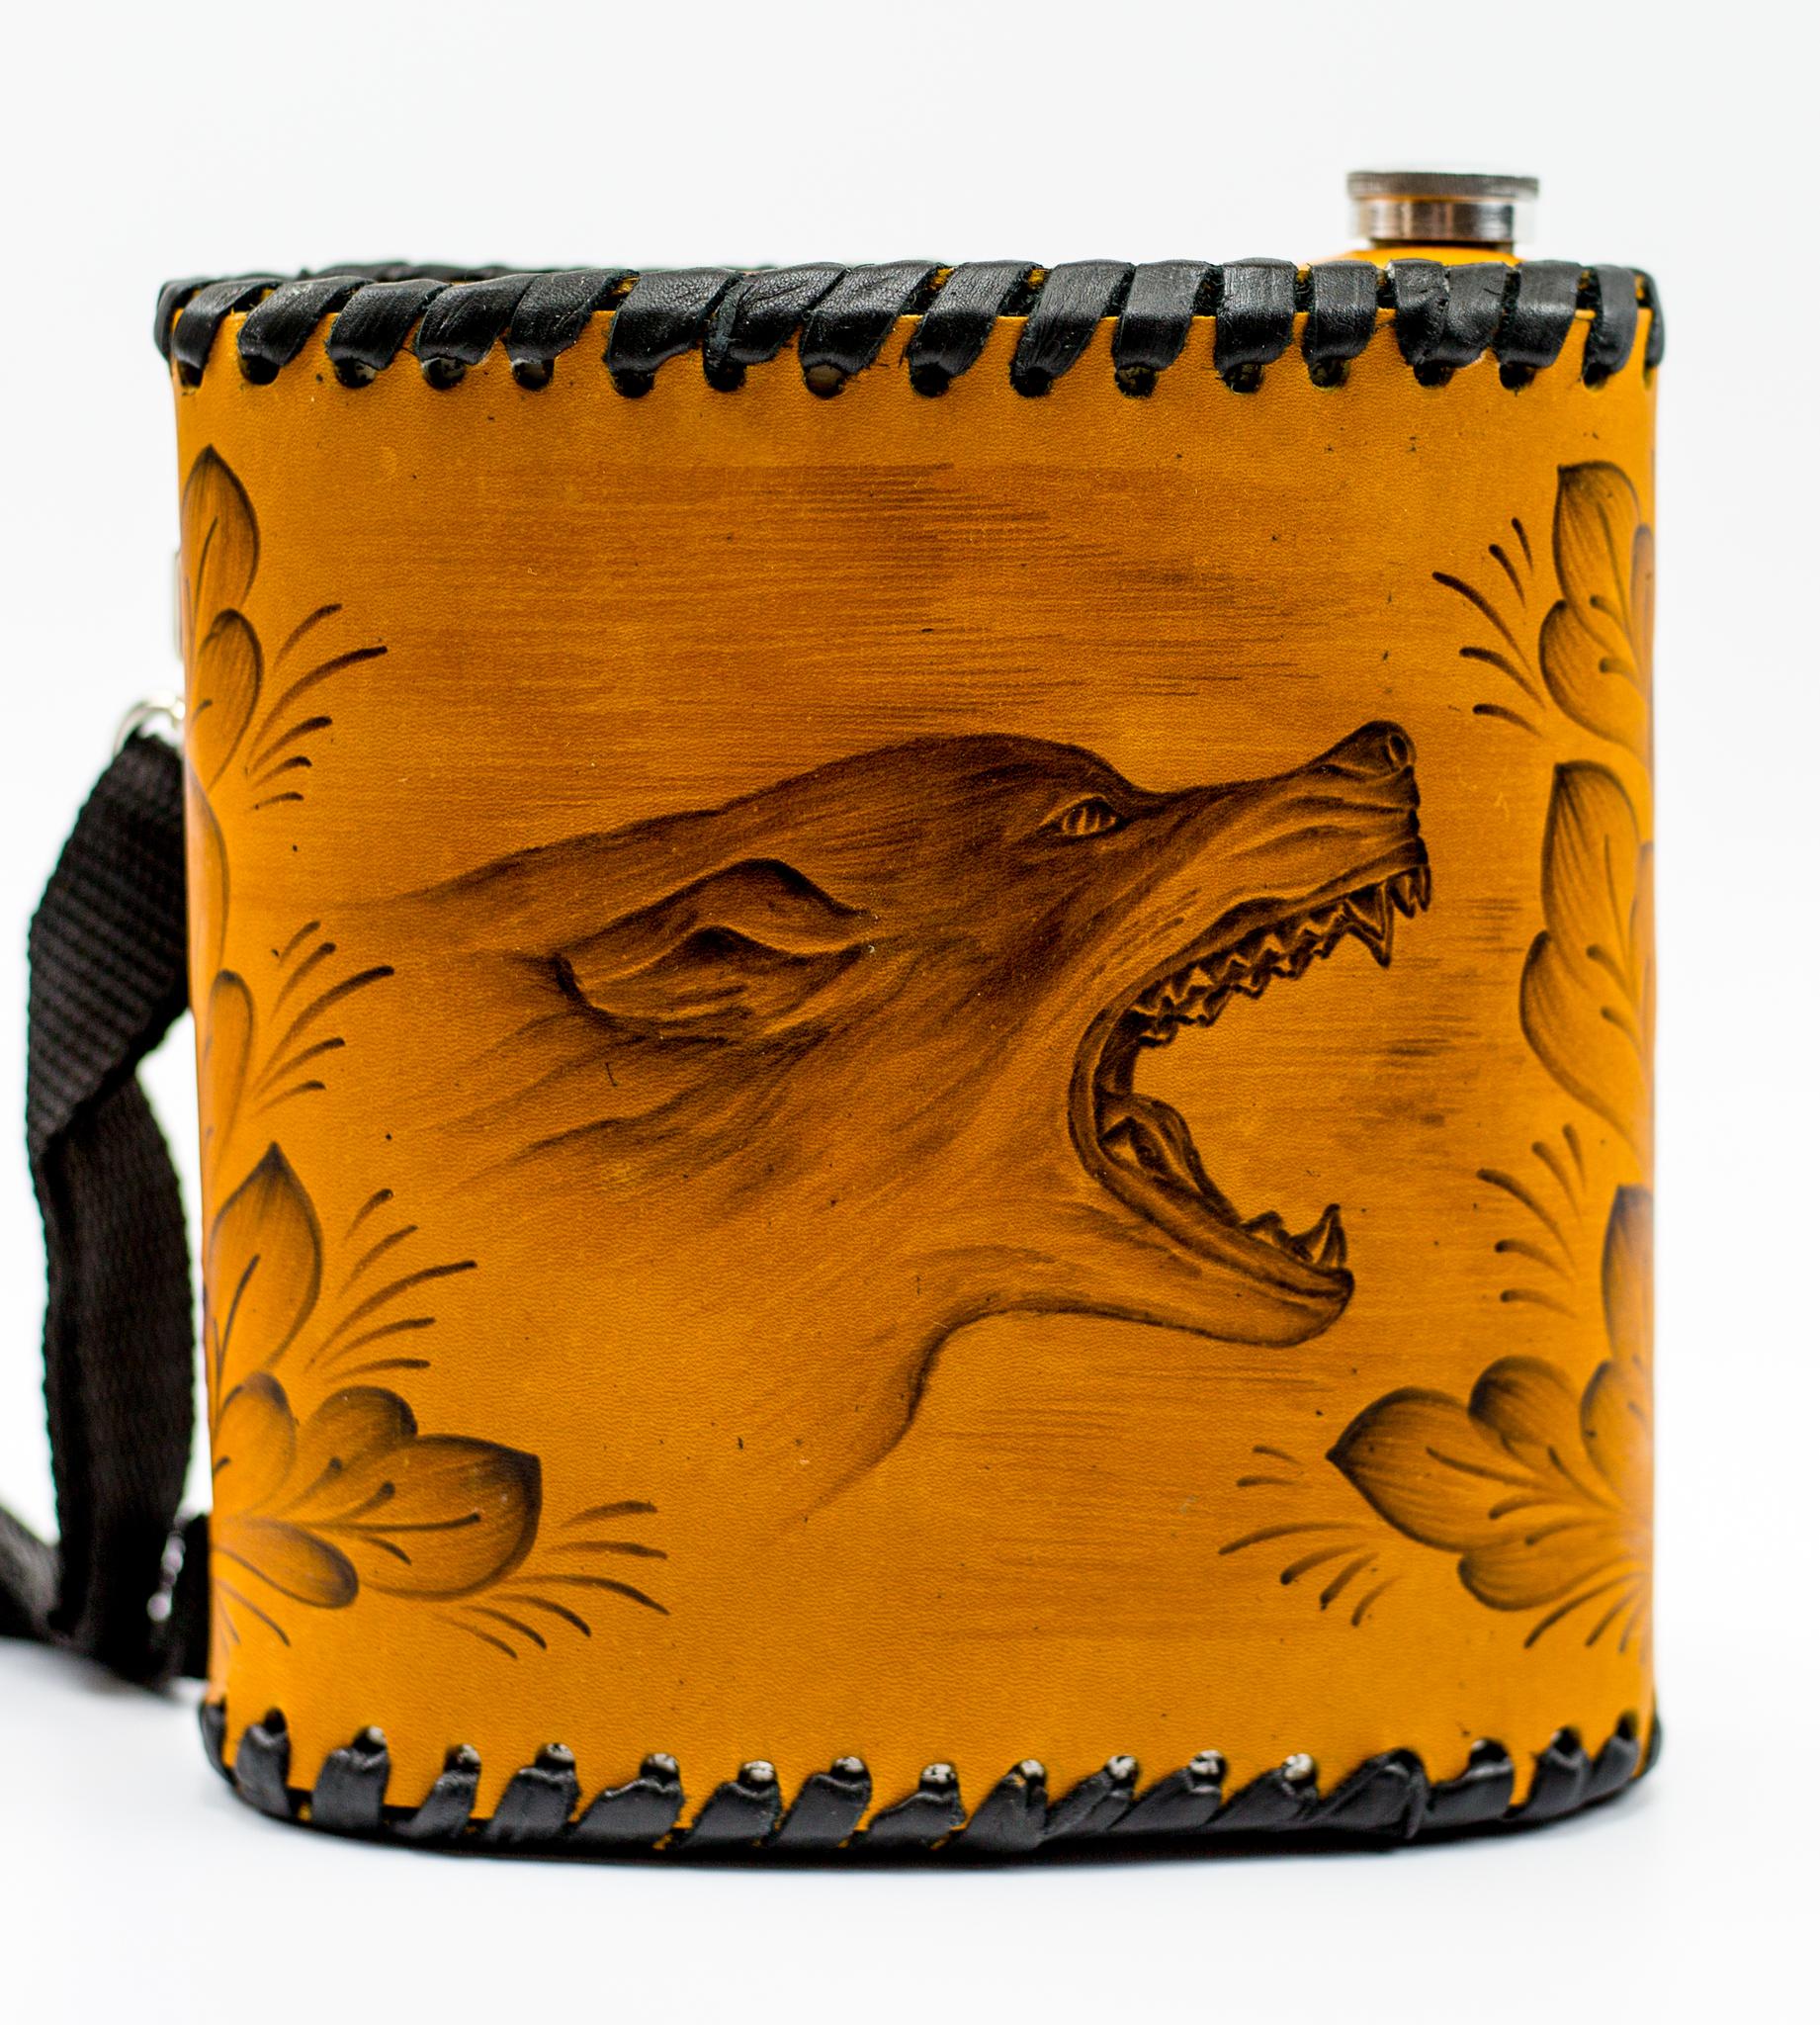 Фляга «Волк», чехол натуральная кожа с художественным выжиганием, 1 л